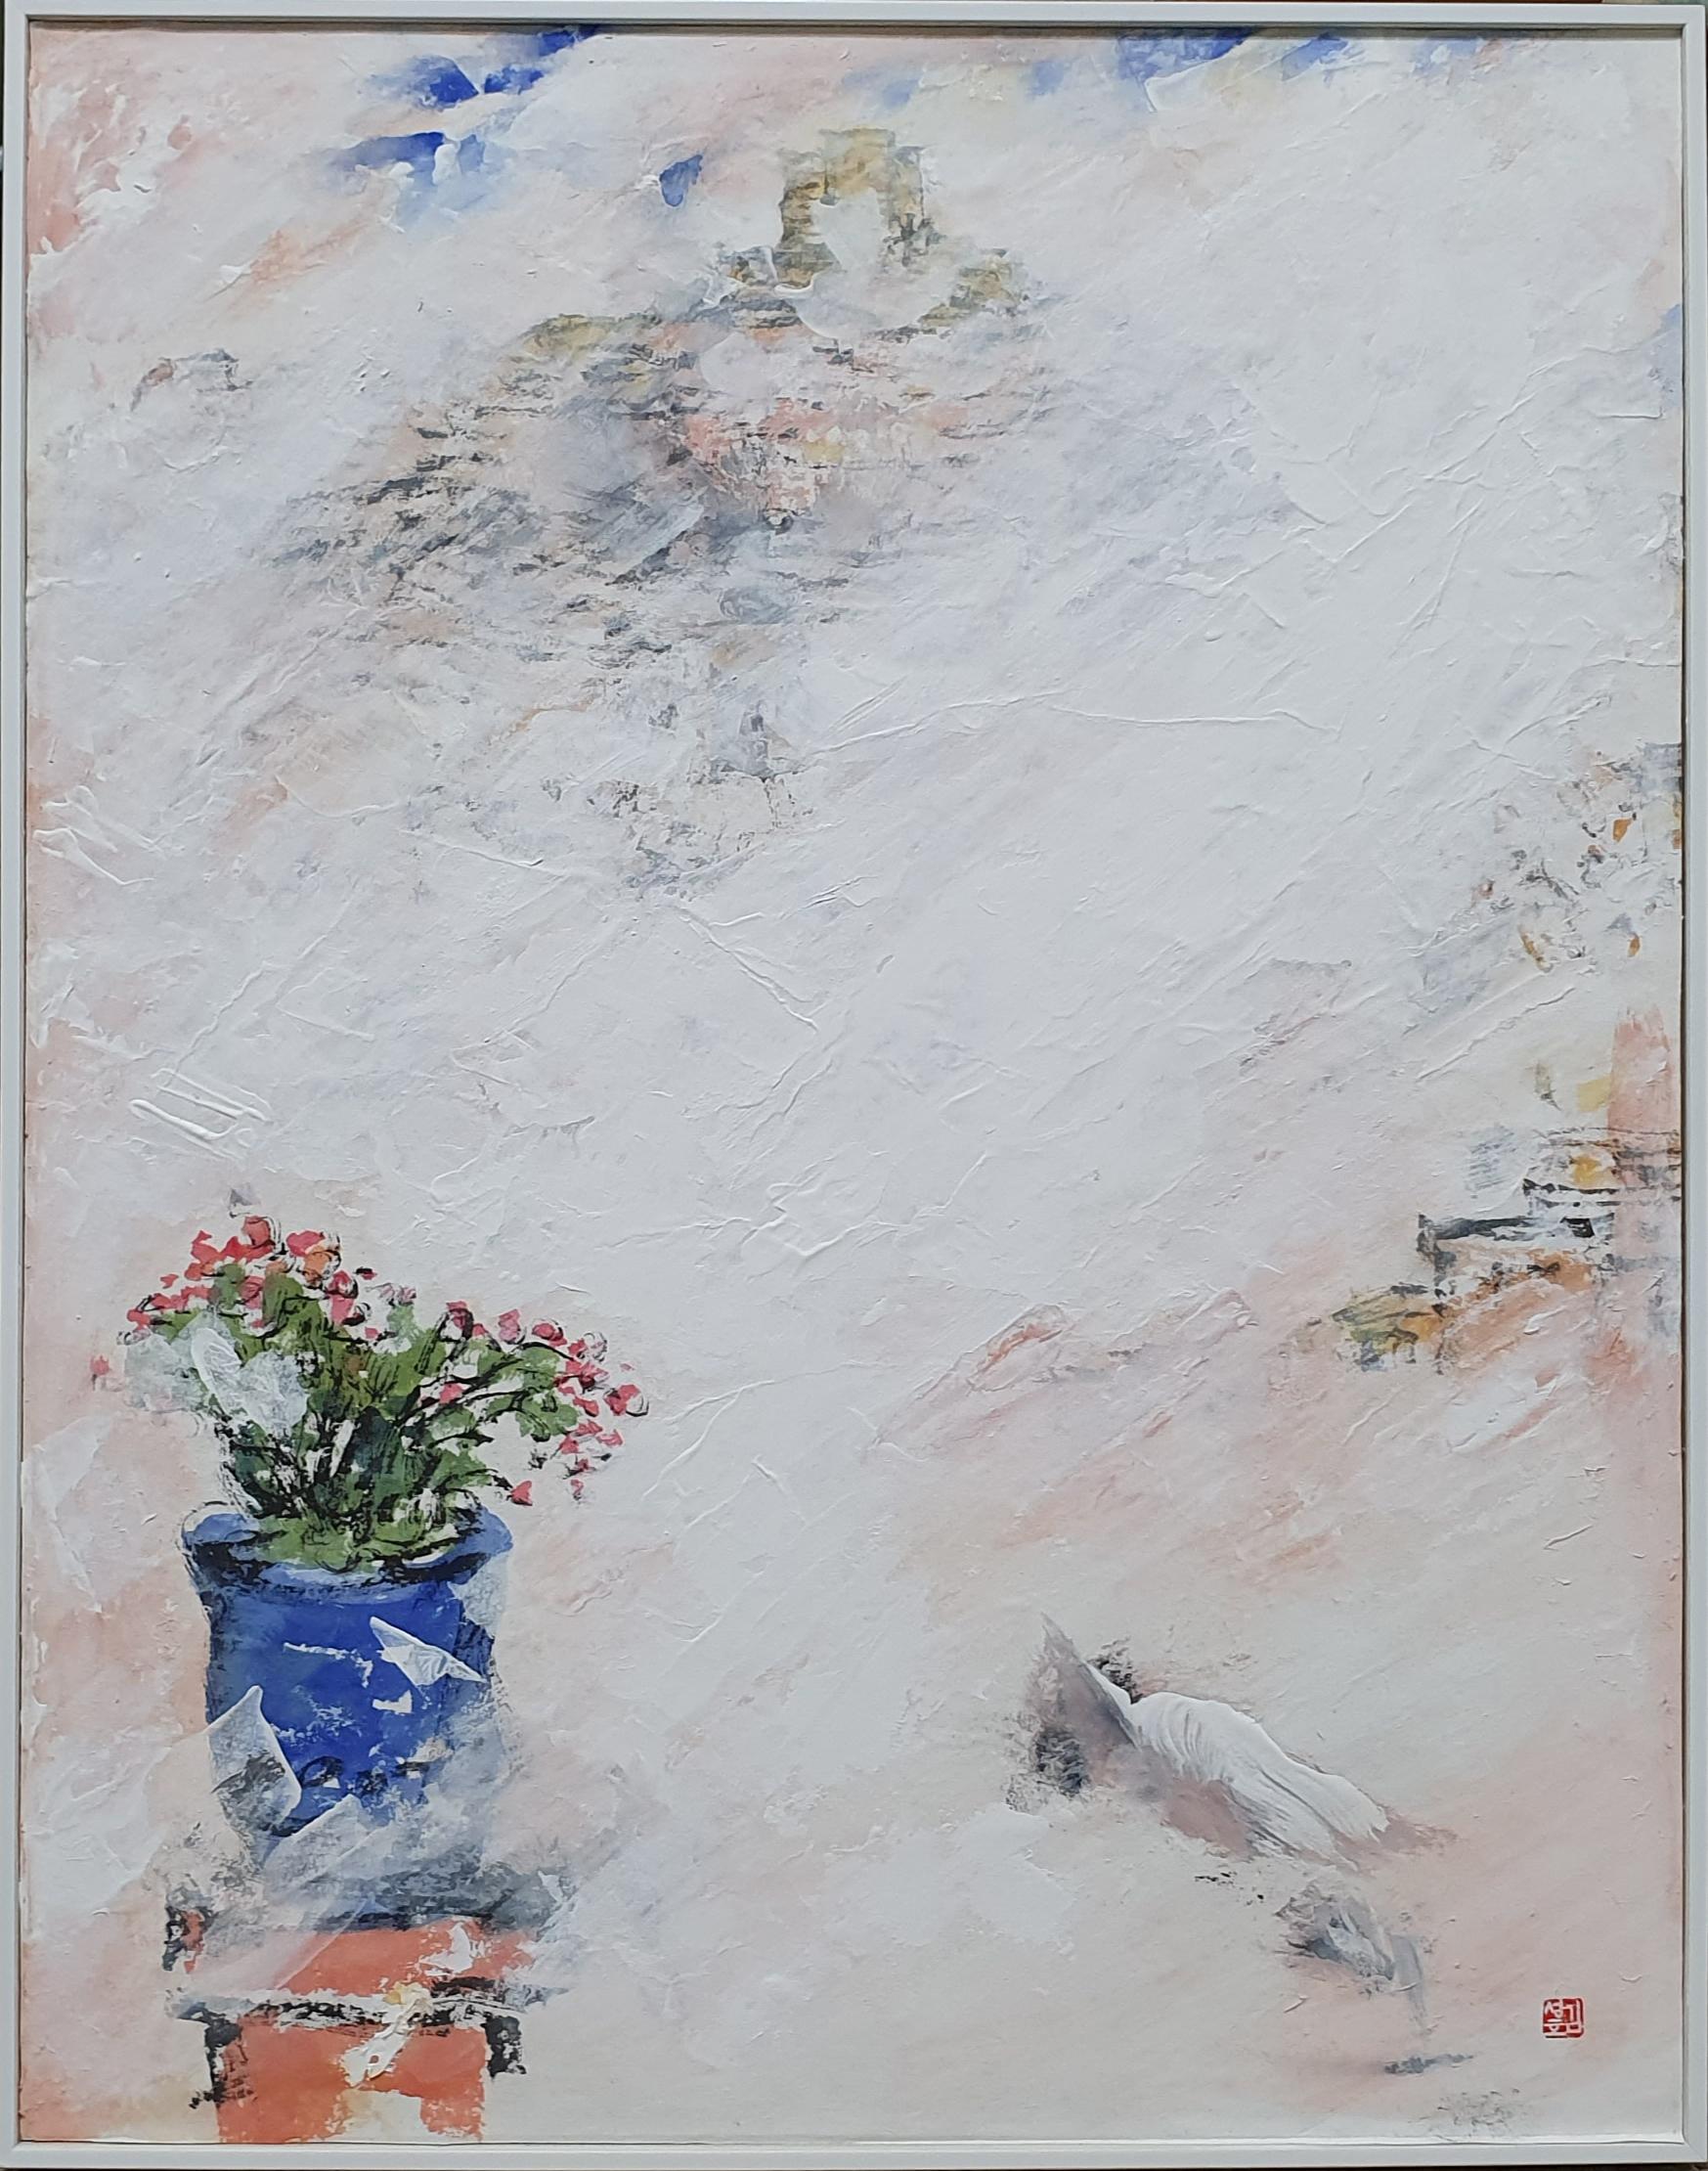 006, 김성호1, 아잇 벤 하드 - 호흡, 36.5 x 46